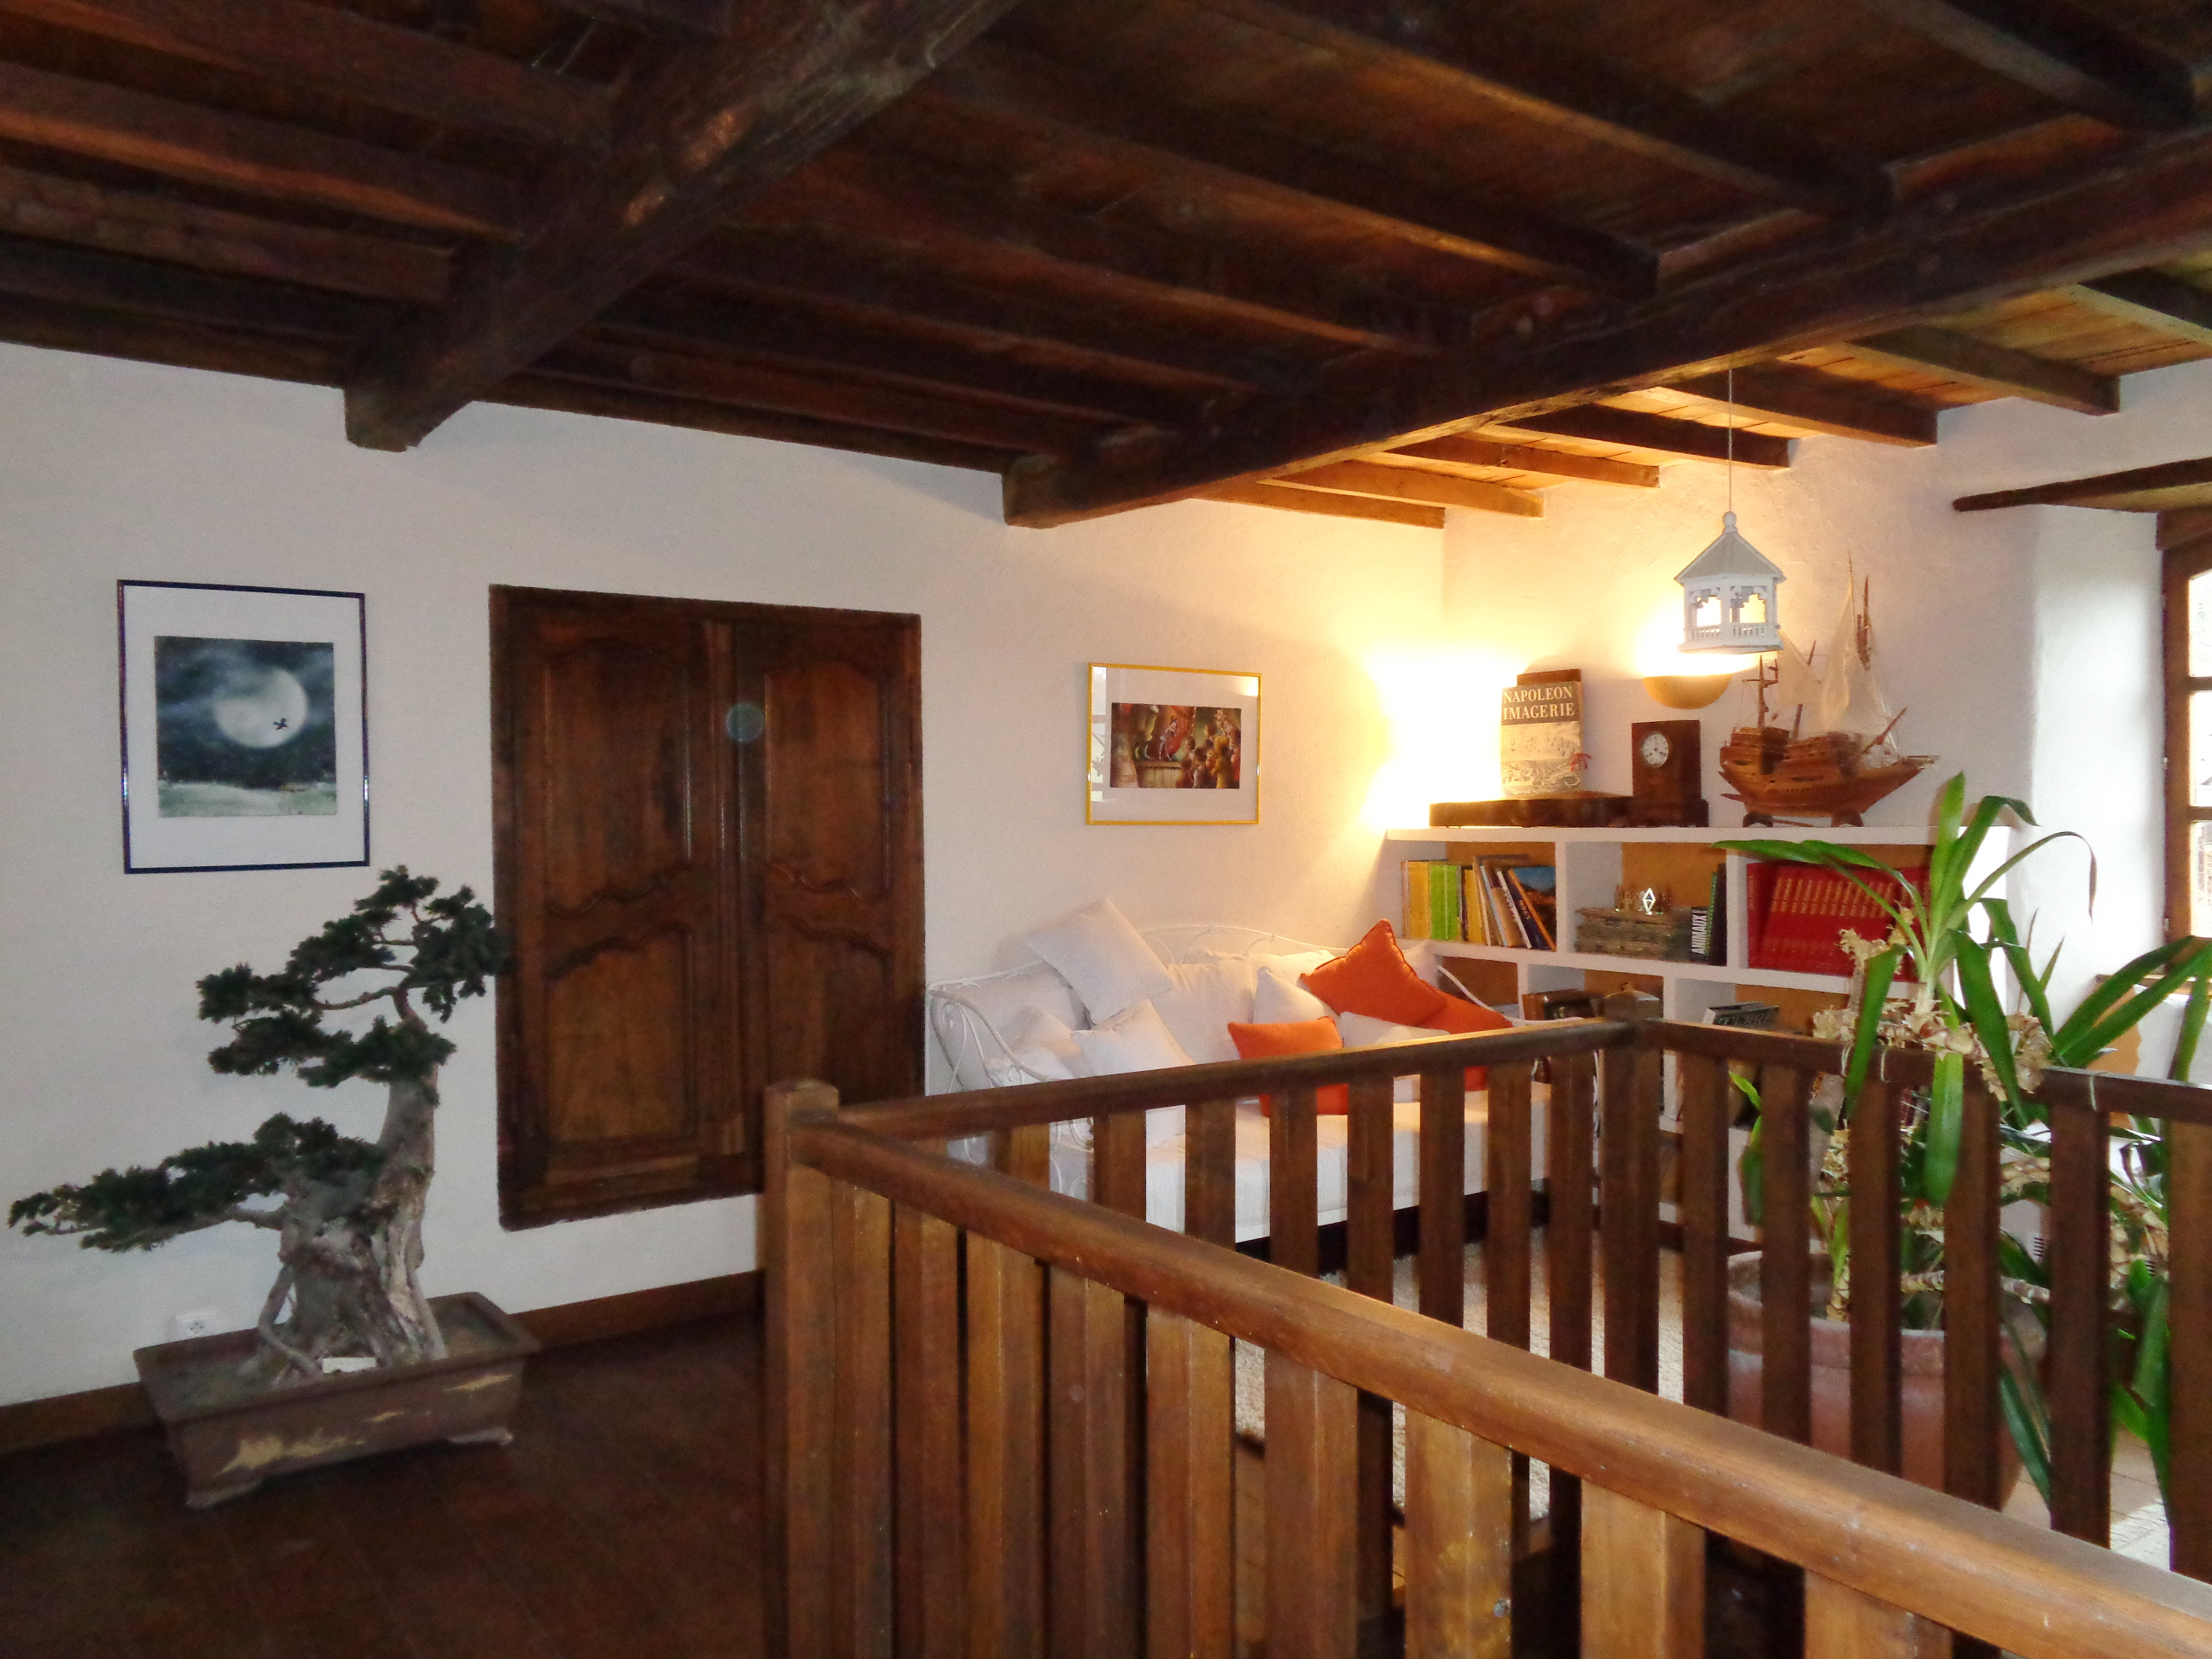 A l'étage, la pièce bibliothèque et sa rembarde de la corbeille en chêne avec vue sur le salon du bas et la cheminée en pierre d'époque.